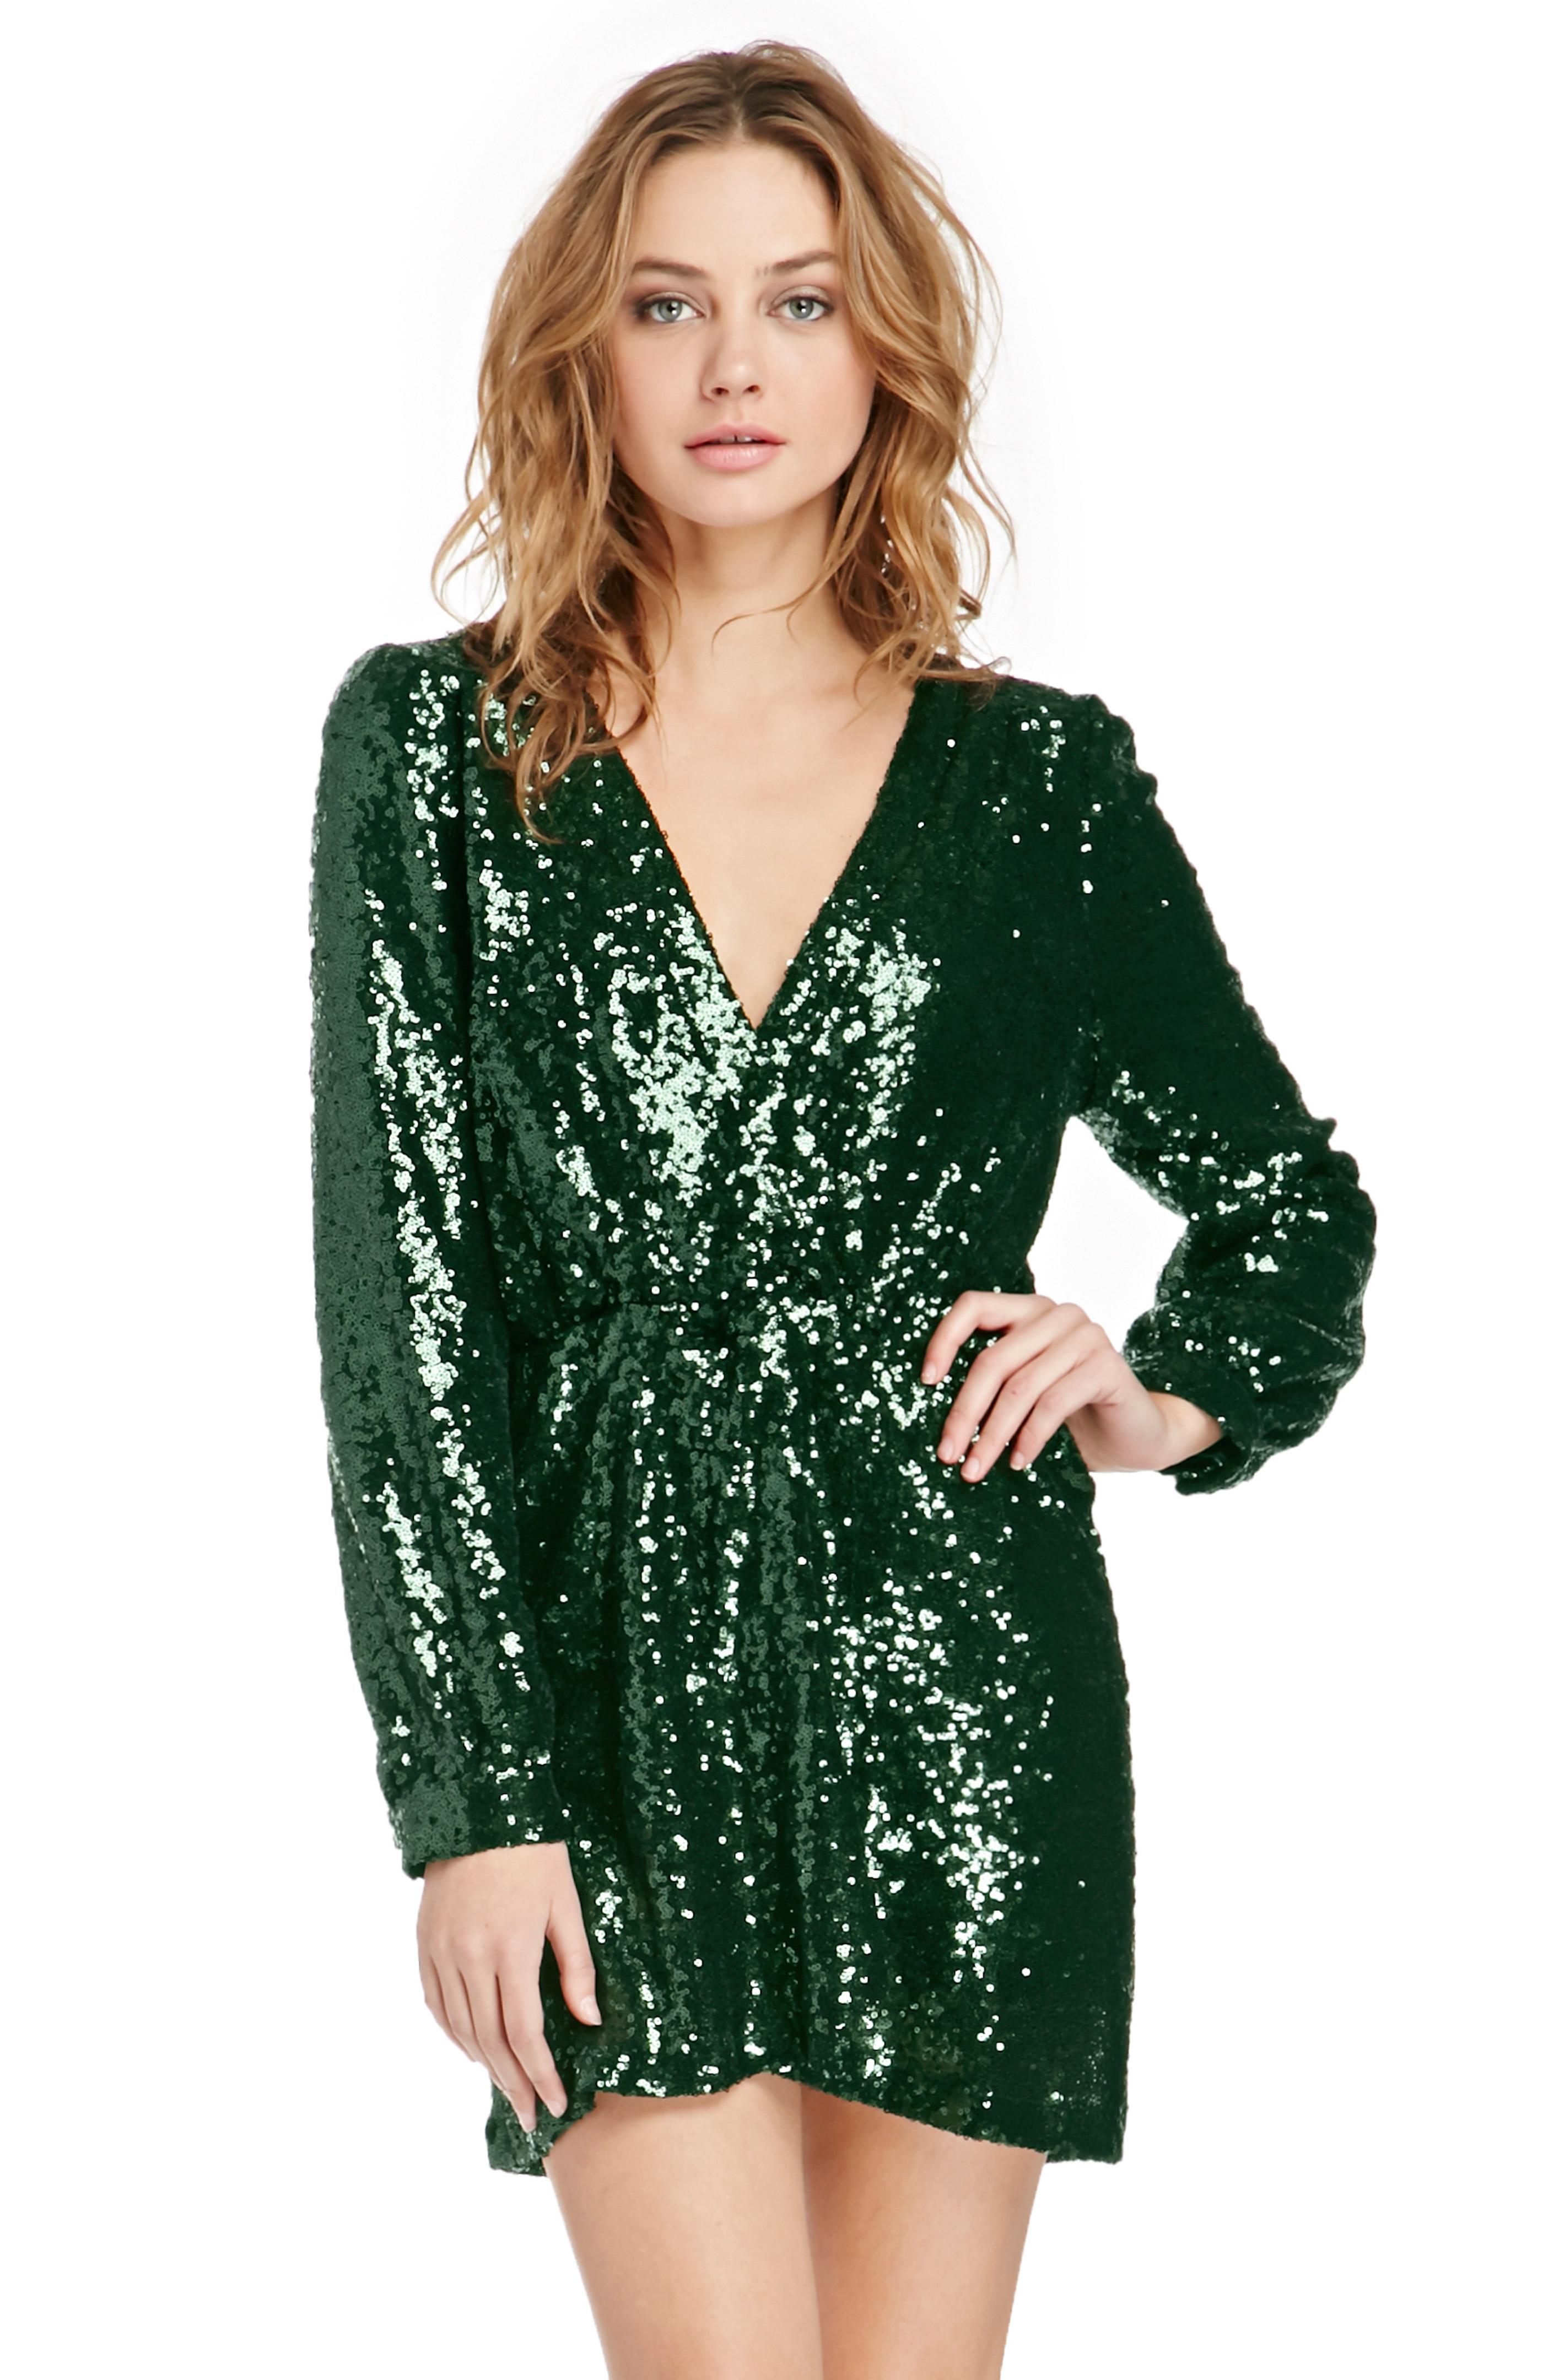 Katie Sequin Wrap Dress in Emerald  DAILYLOOK